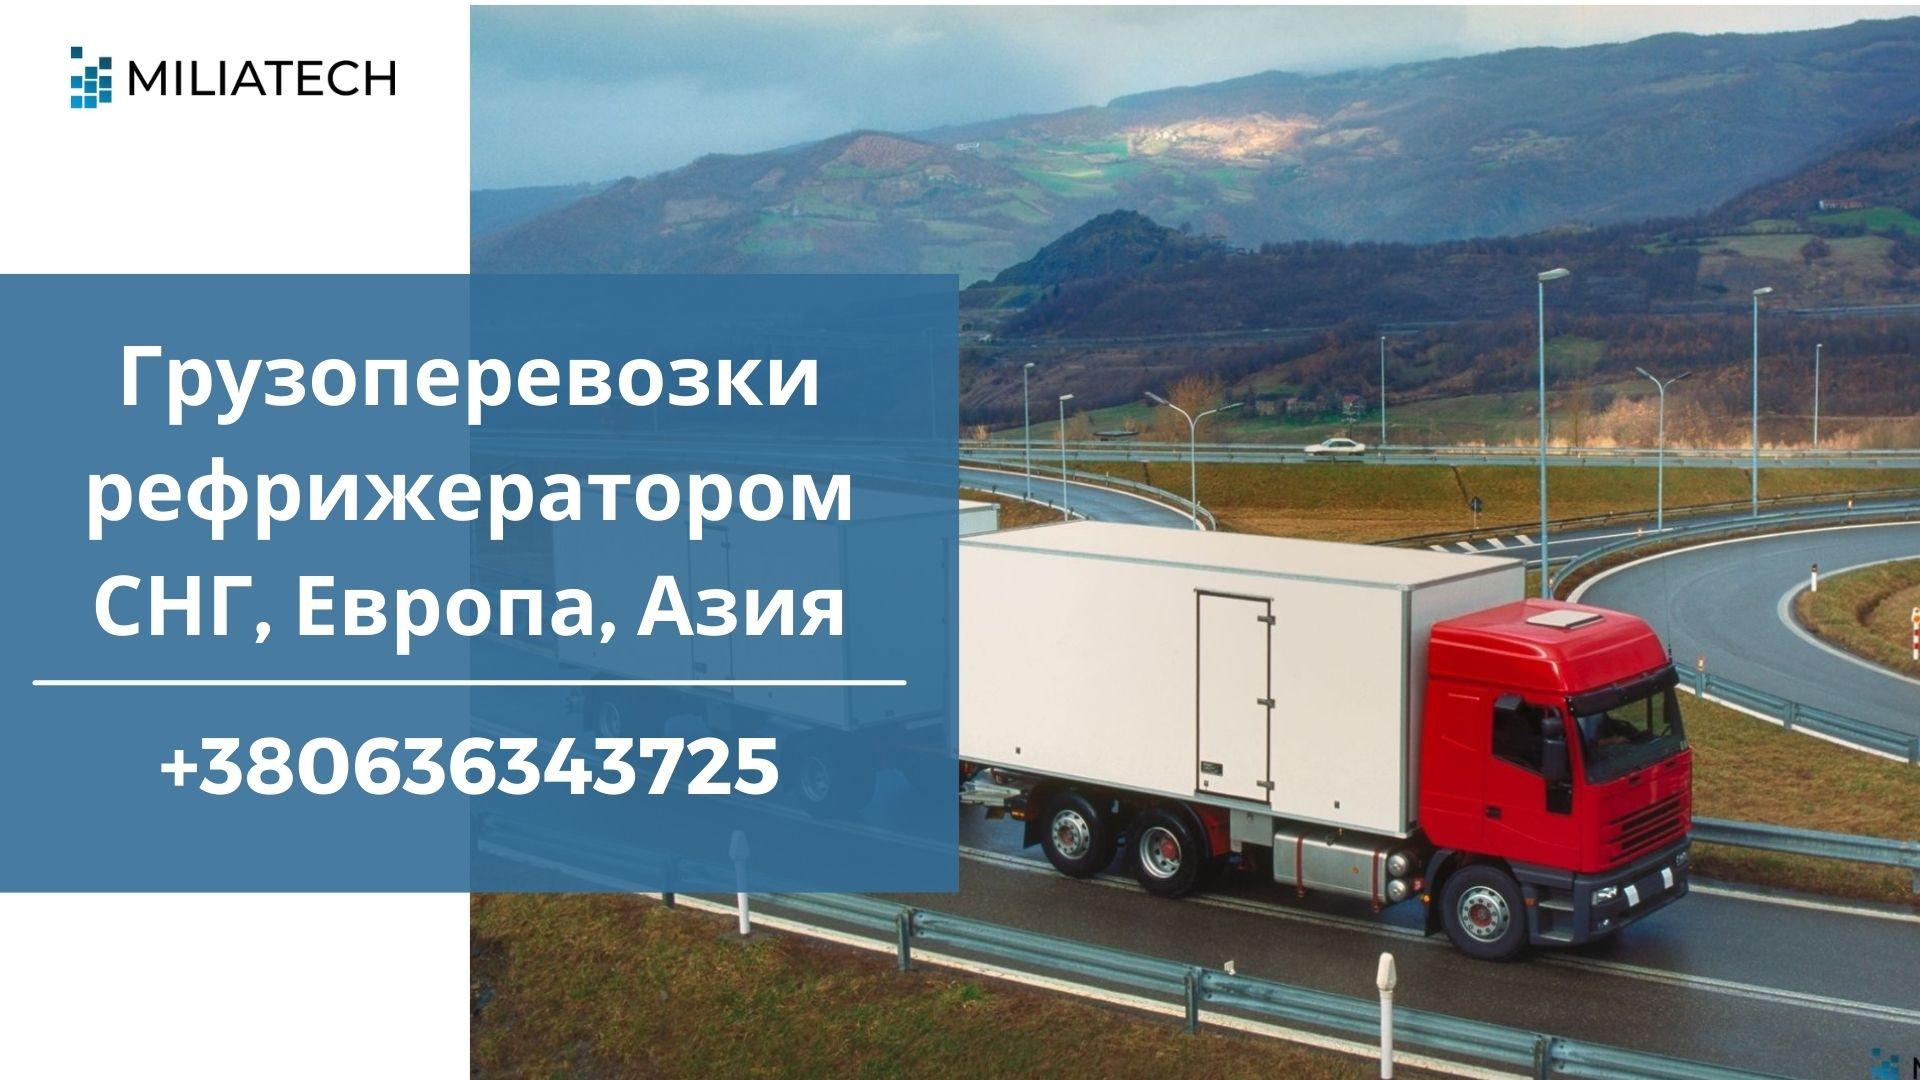 Контейнеры рефрижераторы в аренду / Перевозка контейнеров